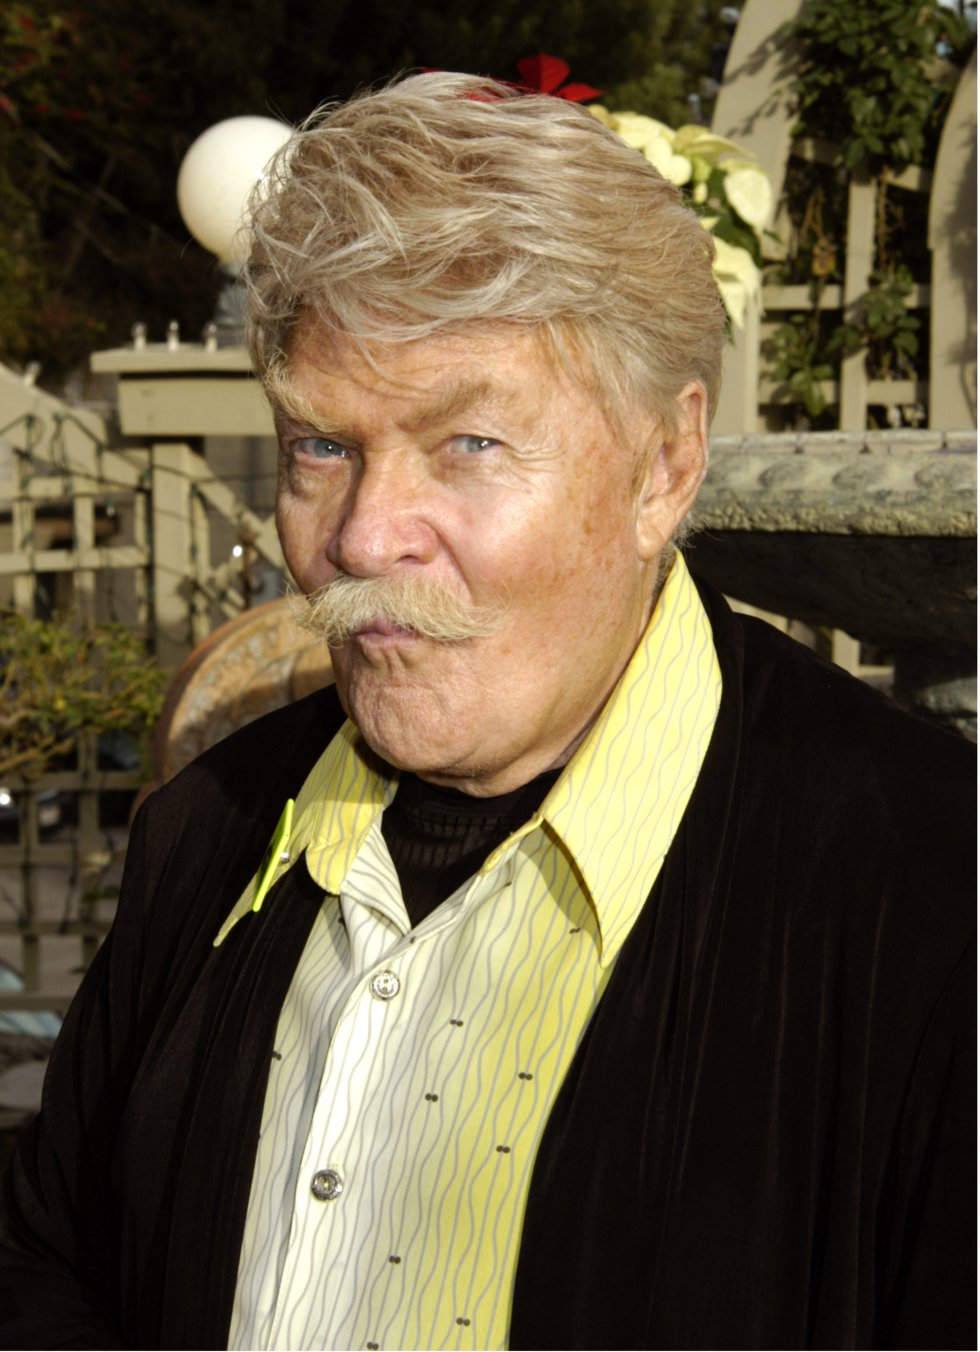 El actor y comediante estadounidense, falleció el 6 de octubre de 2019.